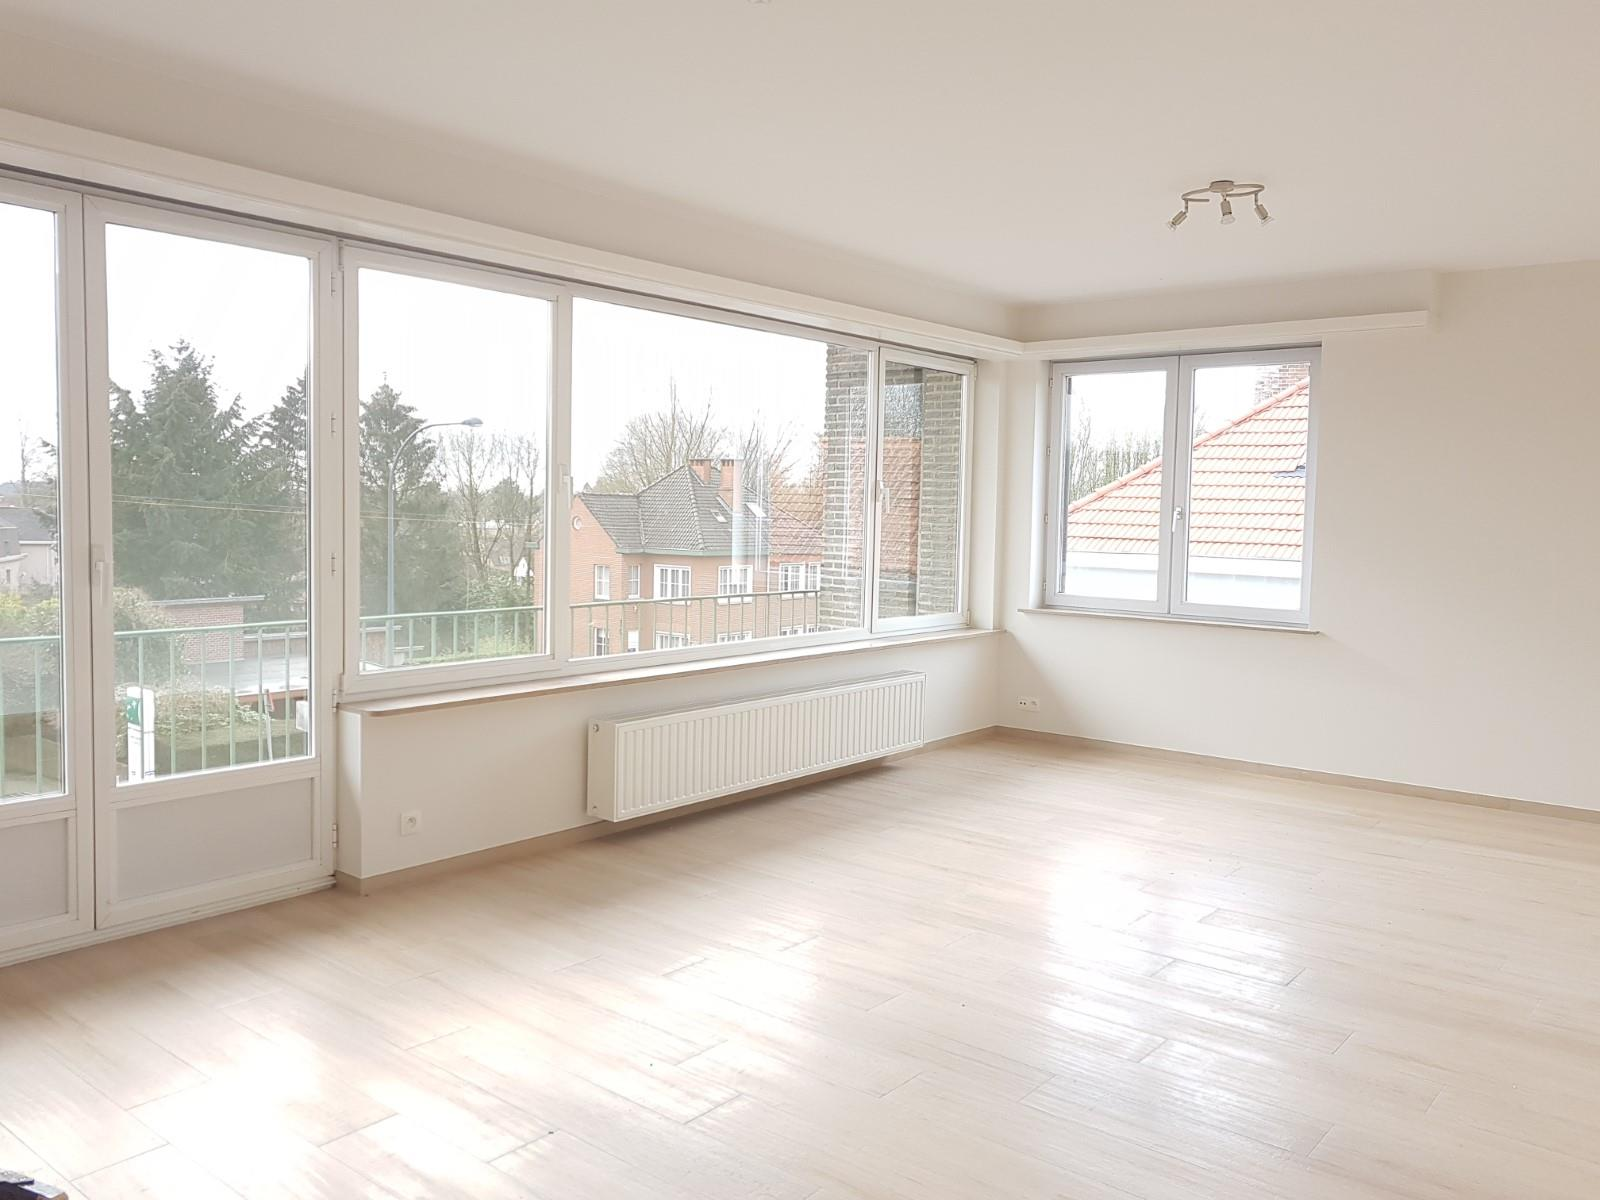 Appartement exceptionnel - Rhode-Saint-Genèse - #4056371-25